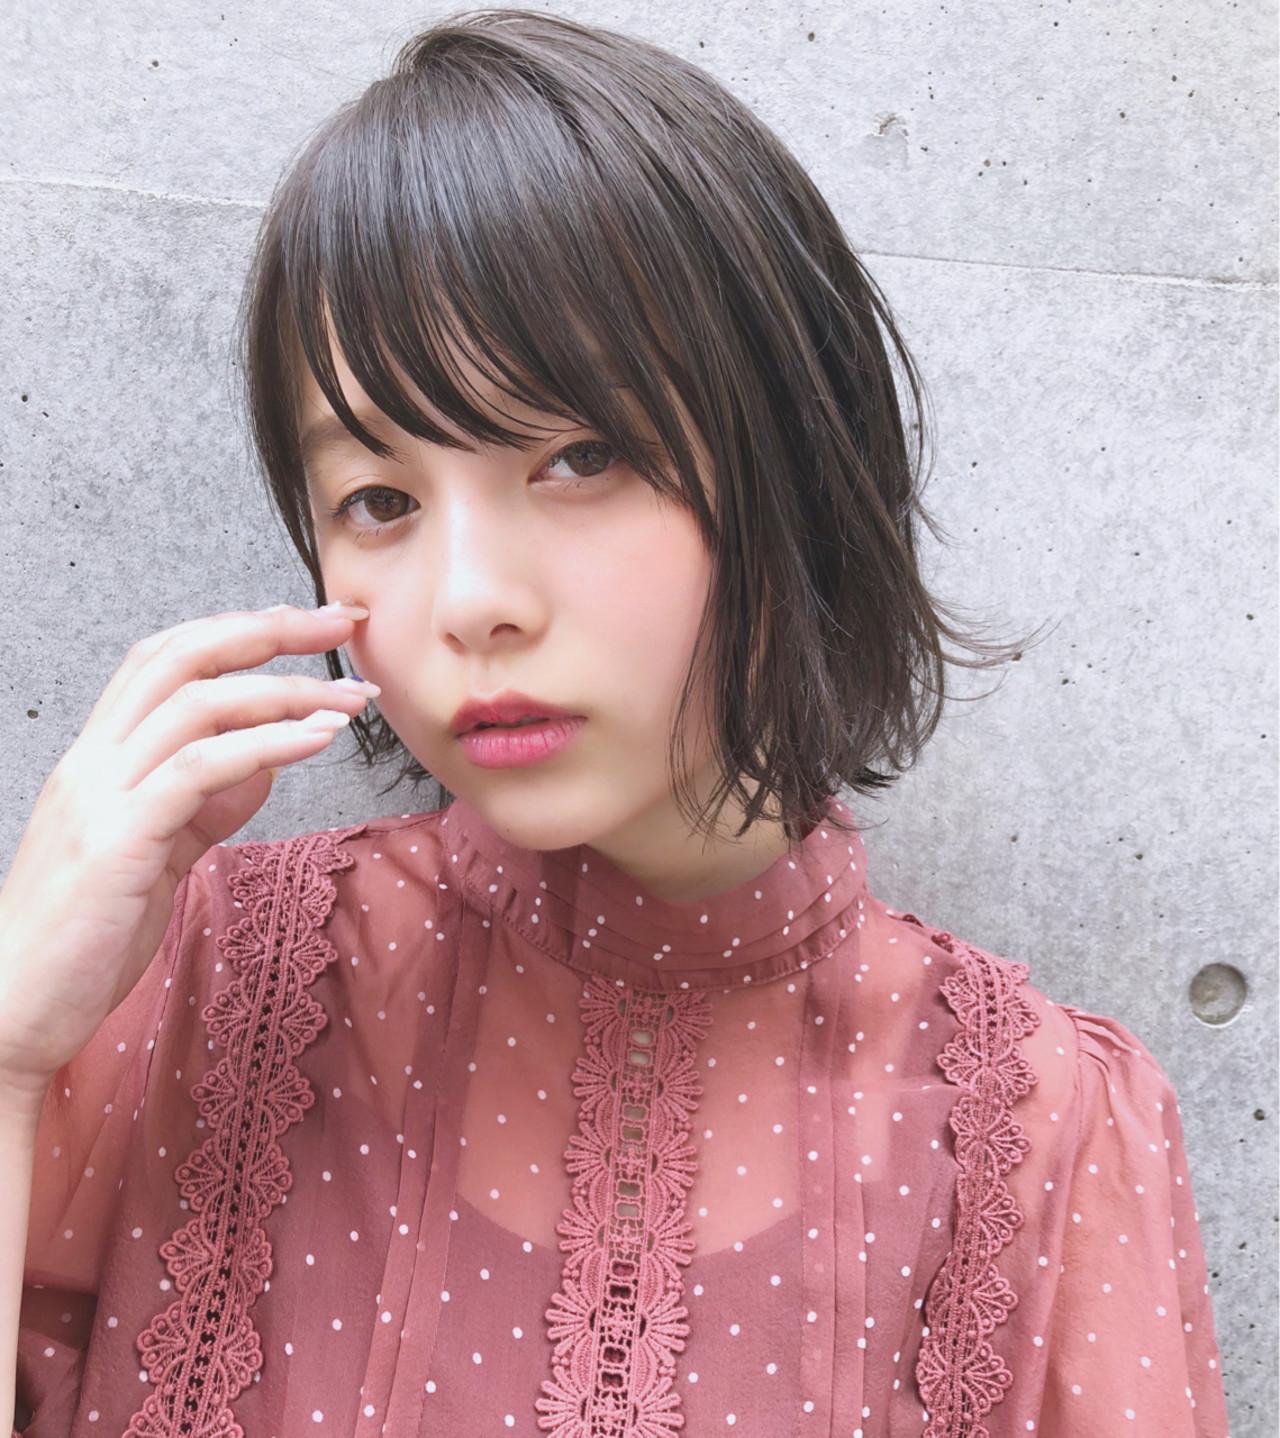 「SUGAO」のティントでジュレな唇♡どれも魅力的な全色紹介!の6枚目の画像